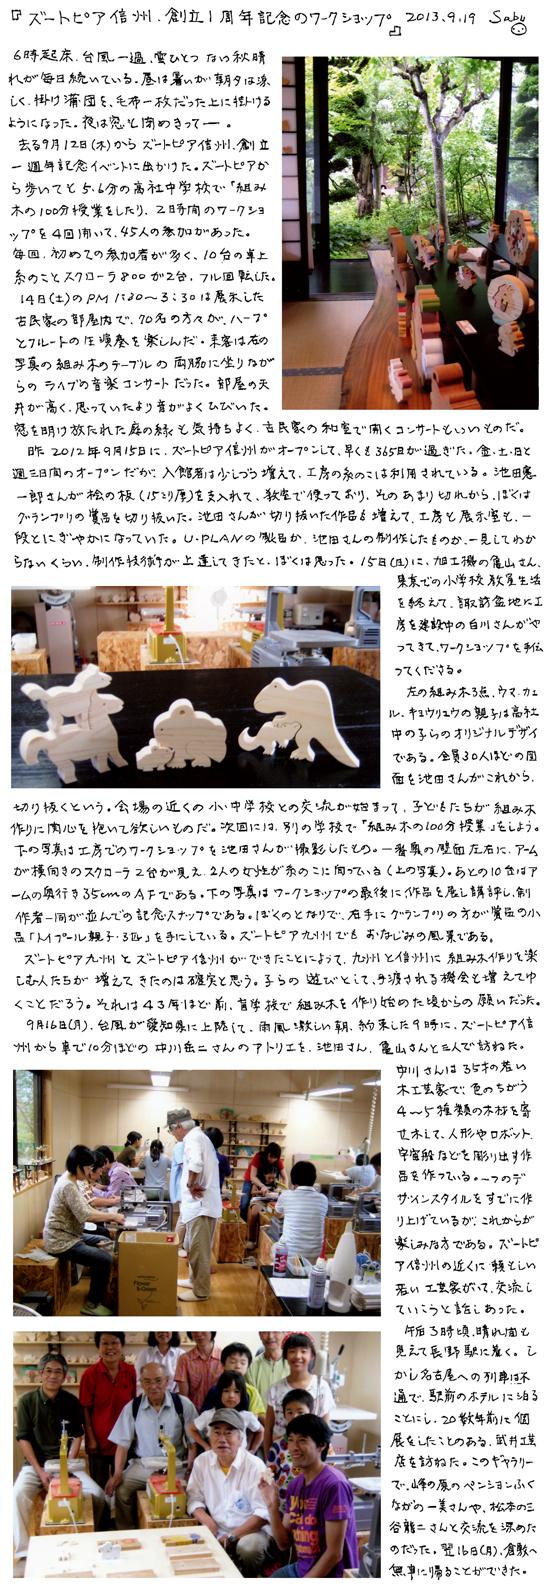 小黒三郎ブログ画像130919.jpg